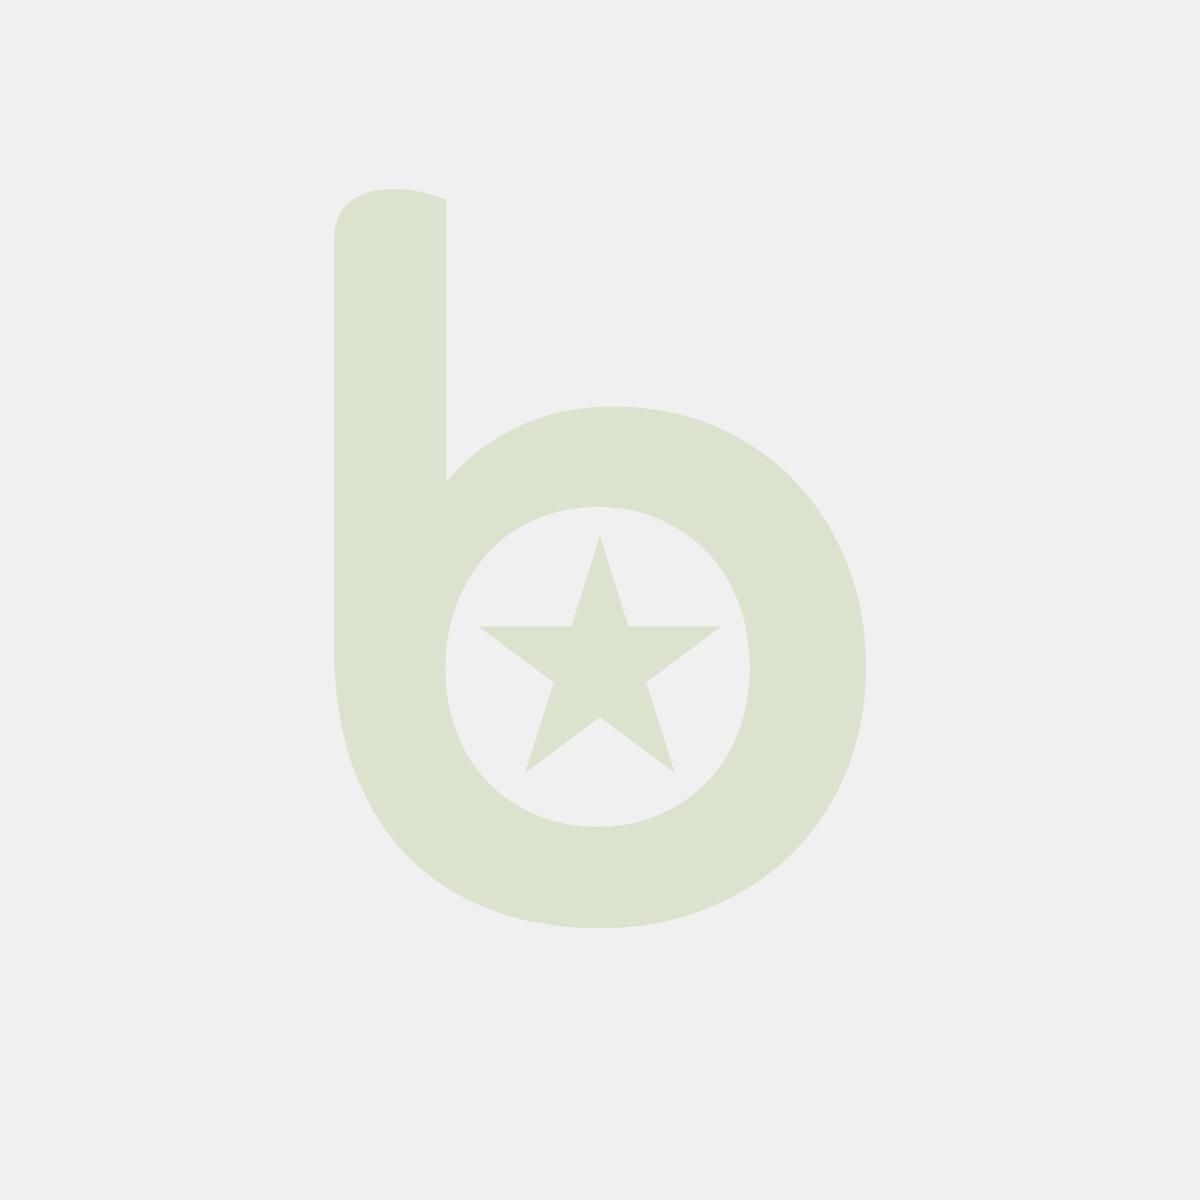 Pojemnik obiadowy do zgrzewu PP biały, trójdzielny 227x178x41 gładki op. 40 sztuk